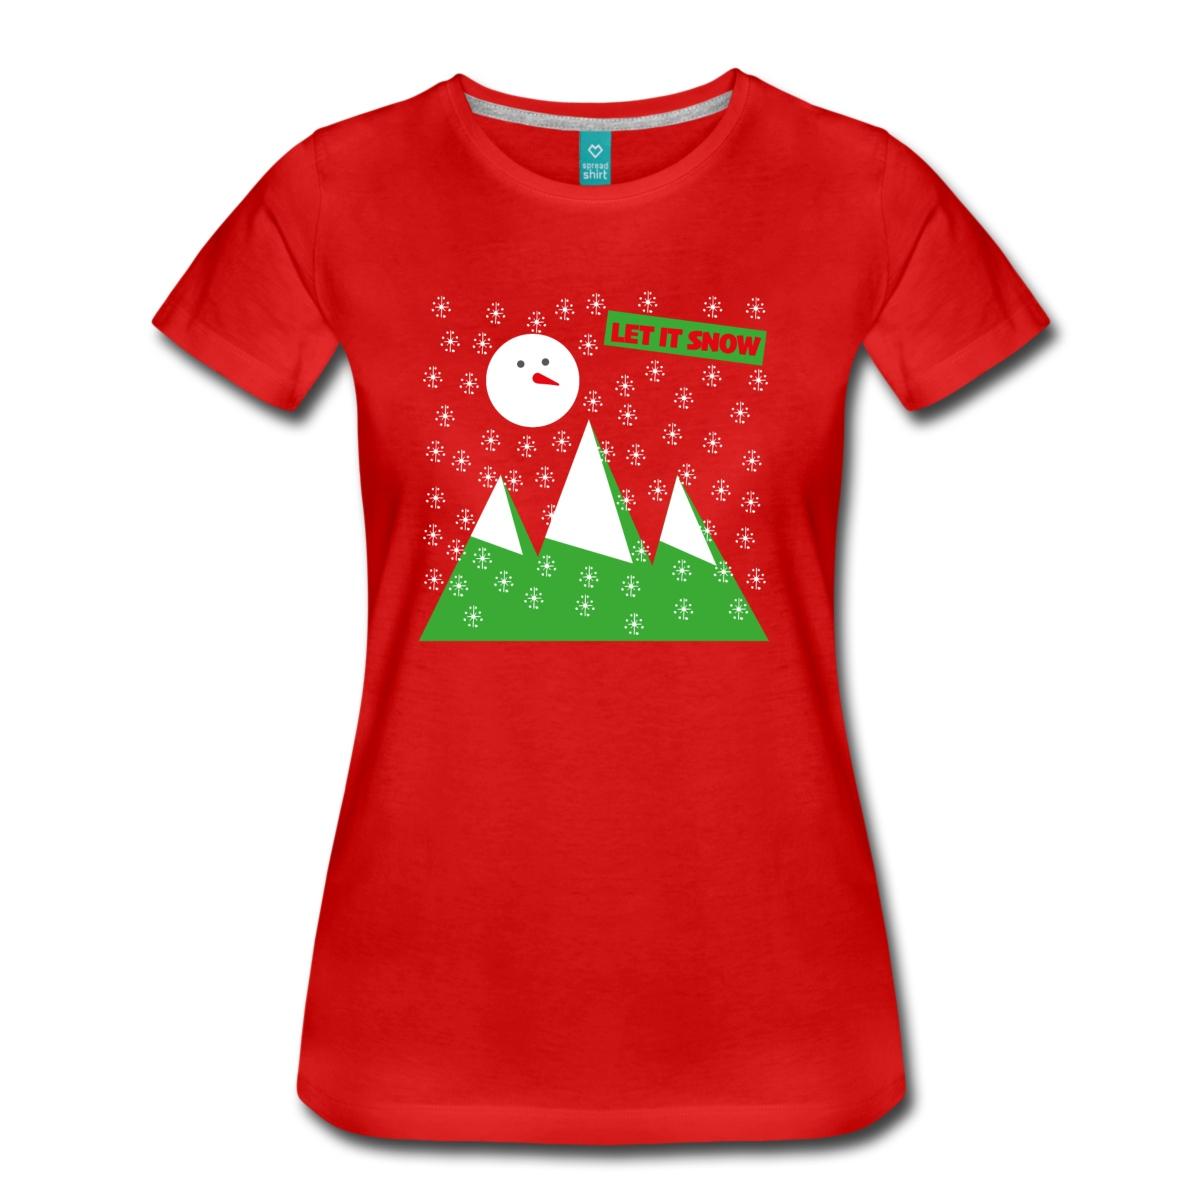 let-it-snow-frauen-premium-t-shirt